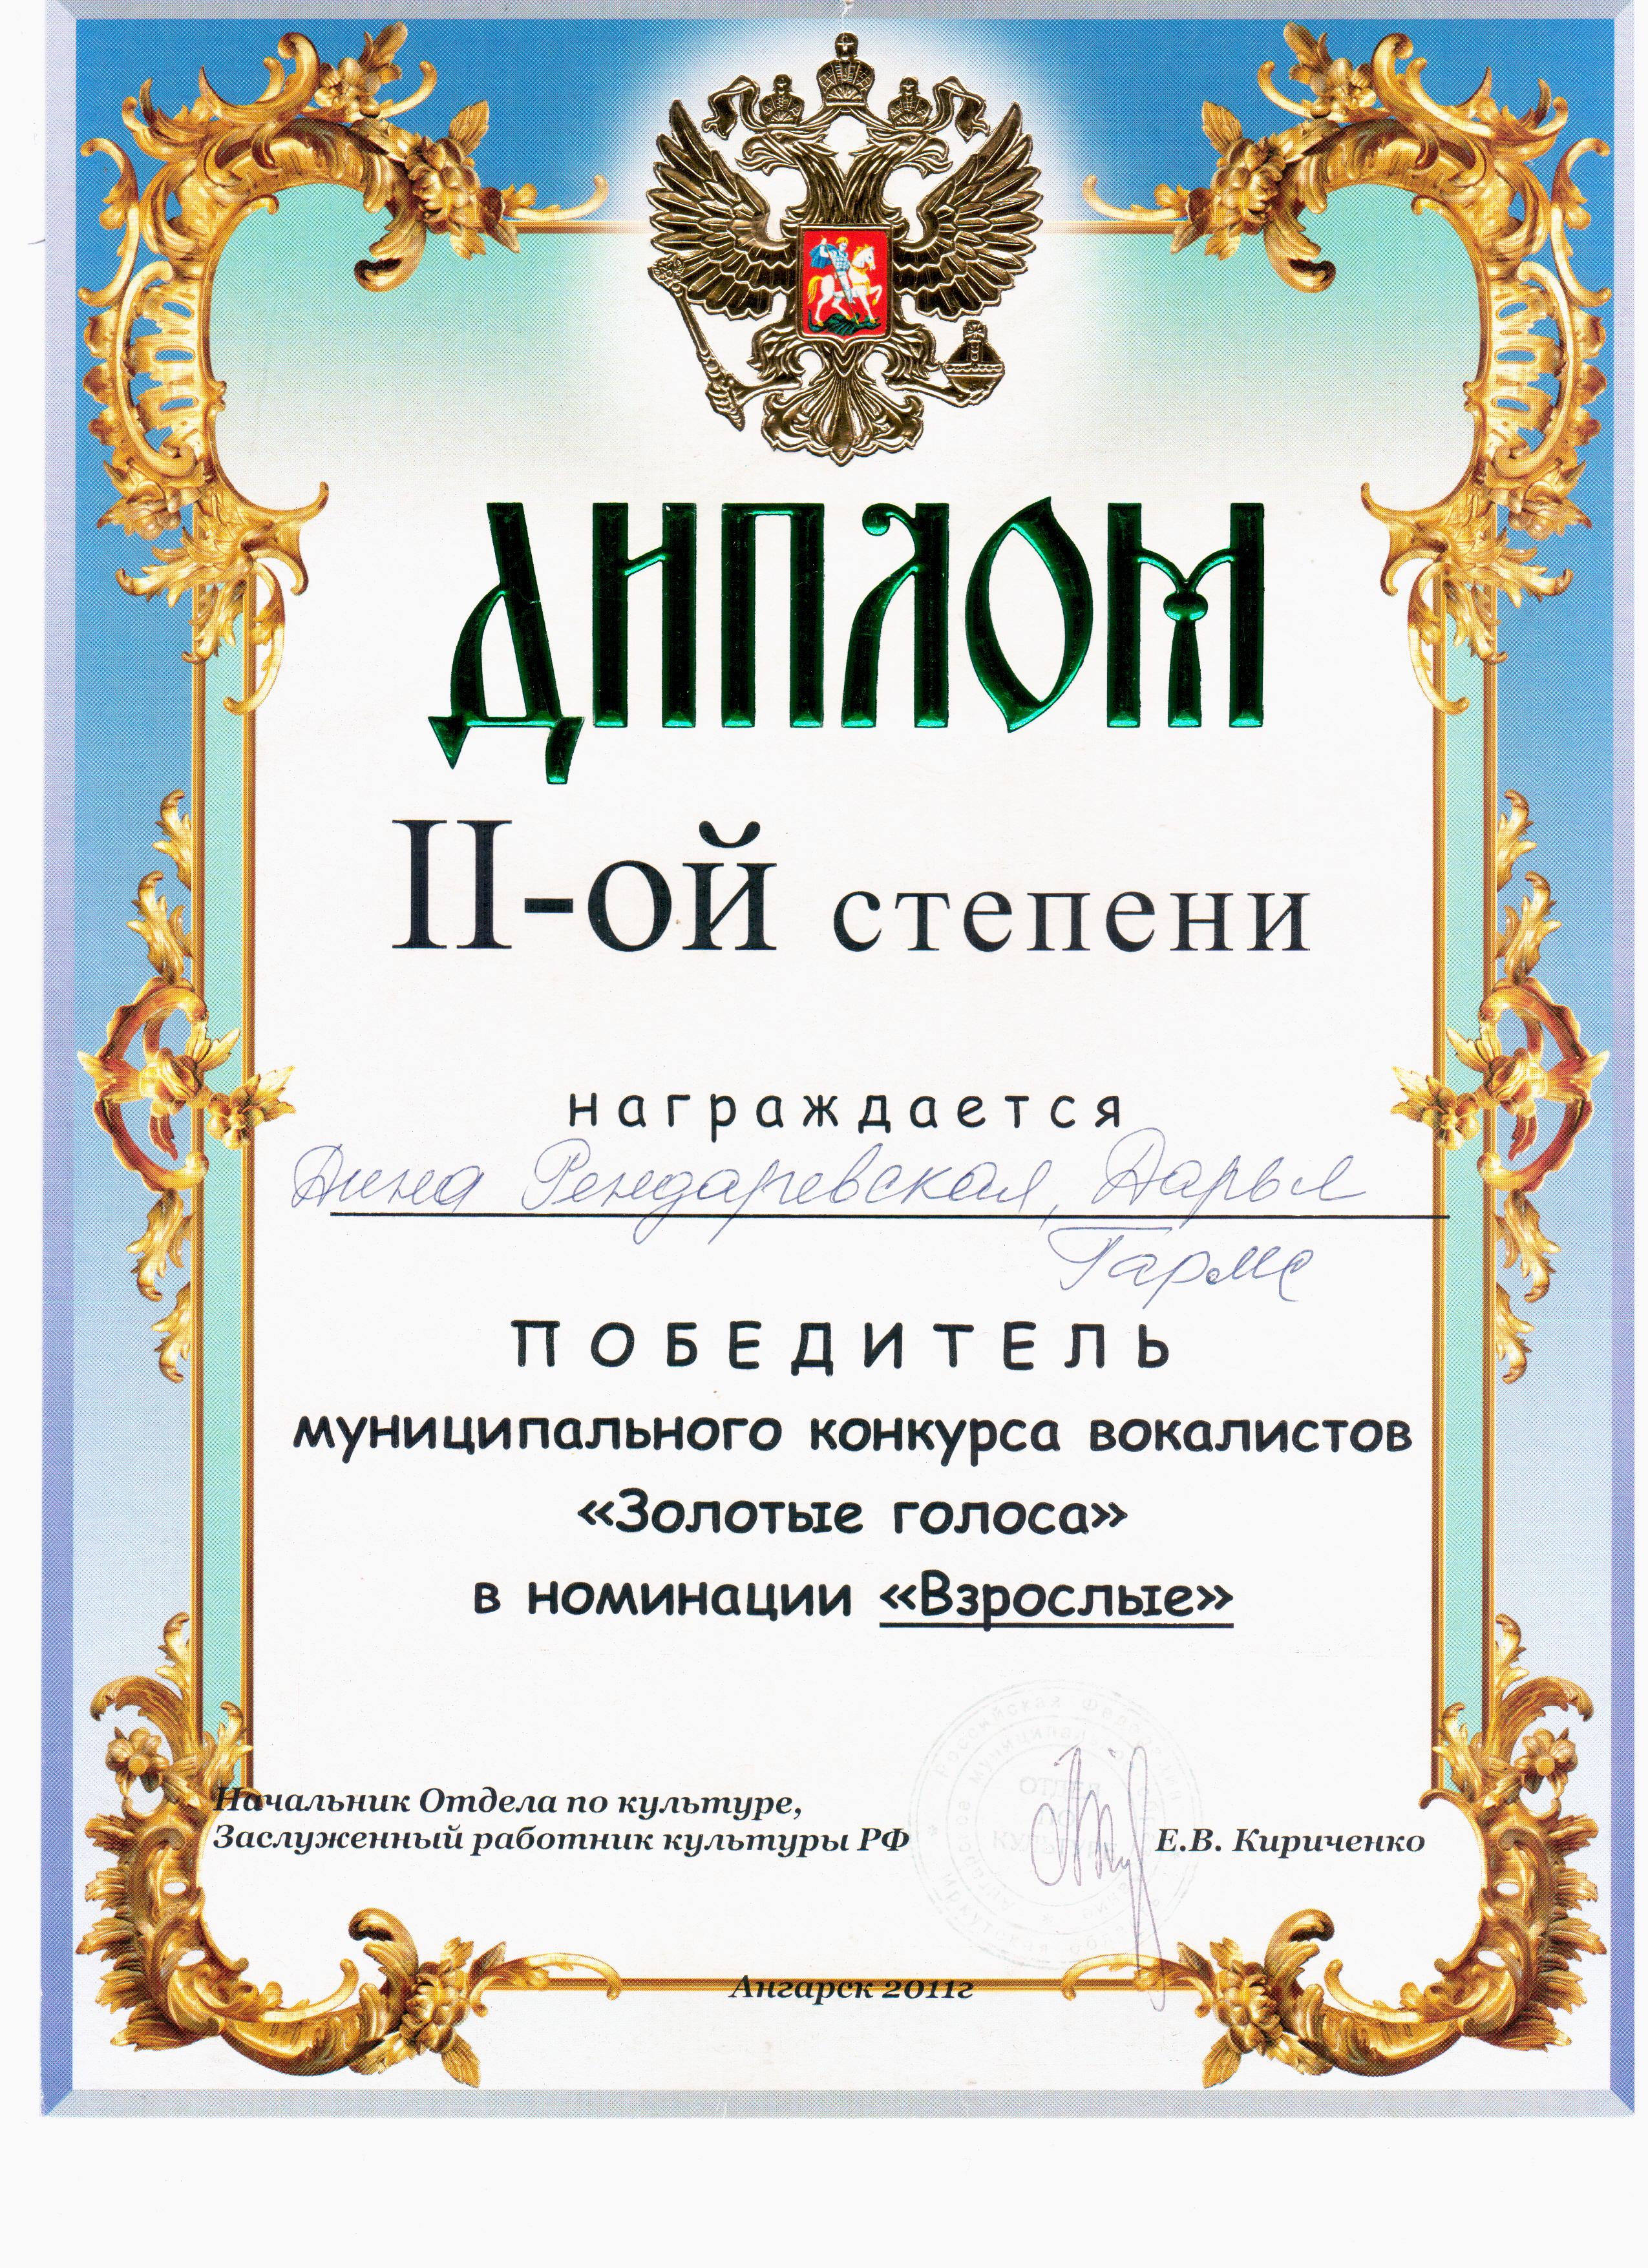 Золотые голоса Ангарска-2011